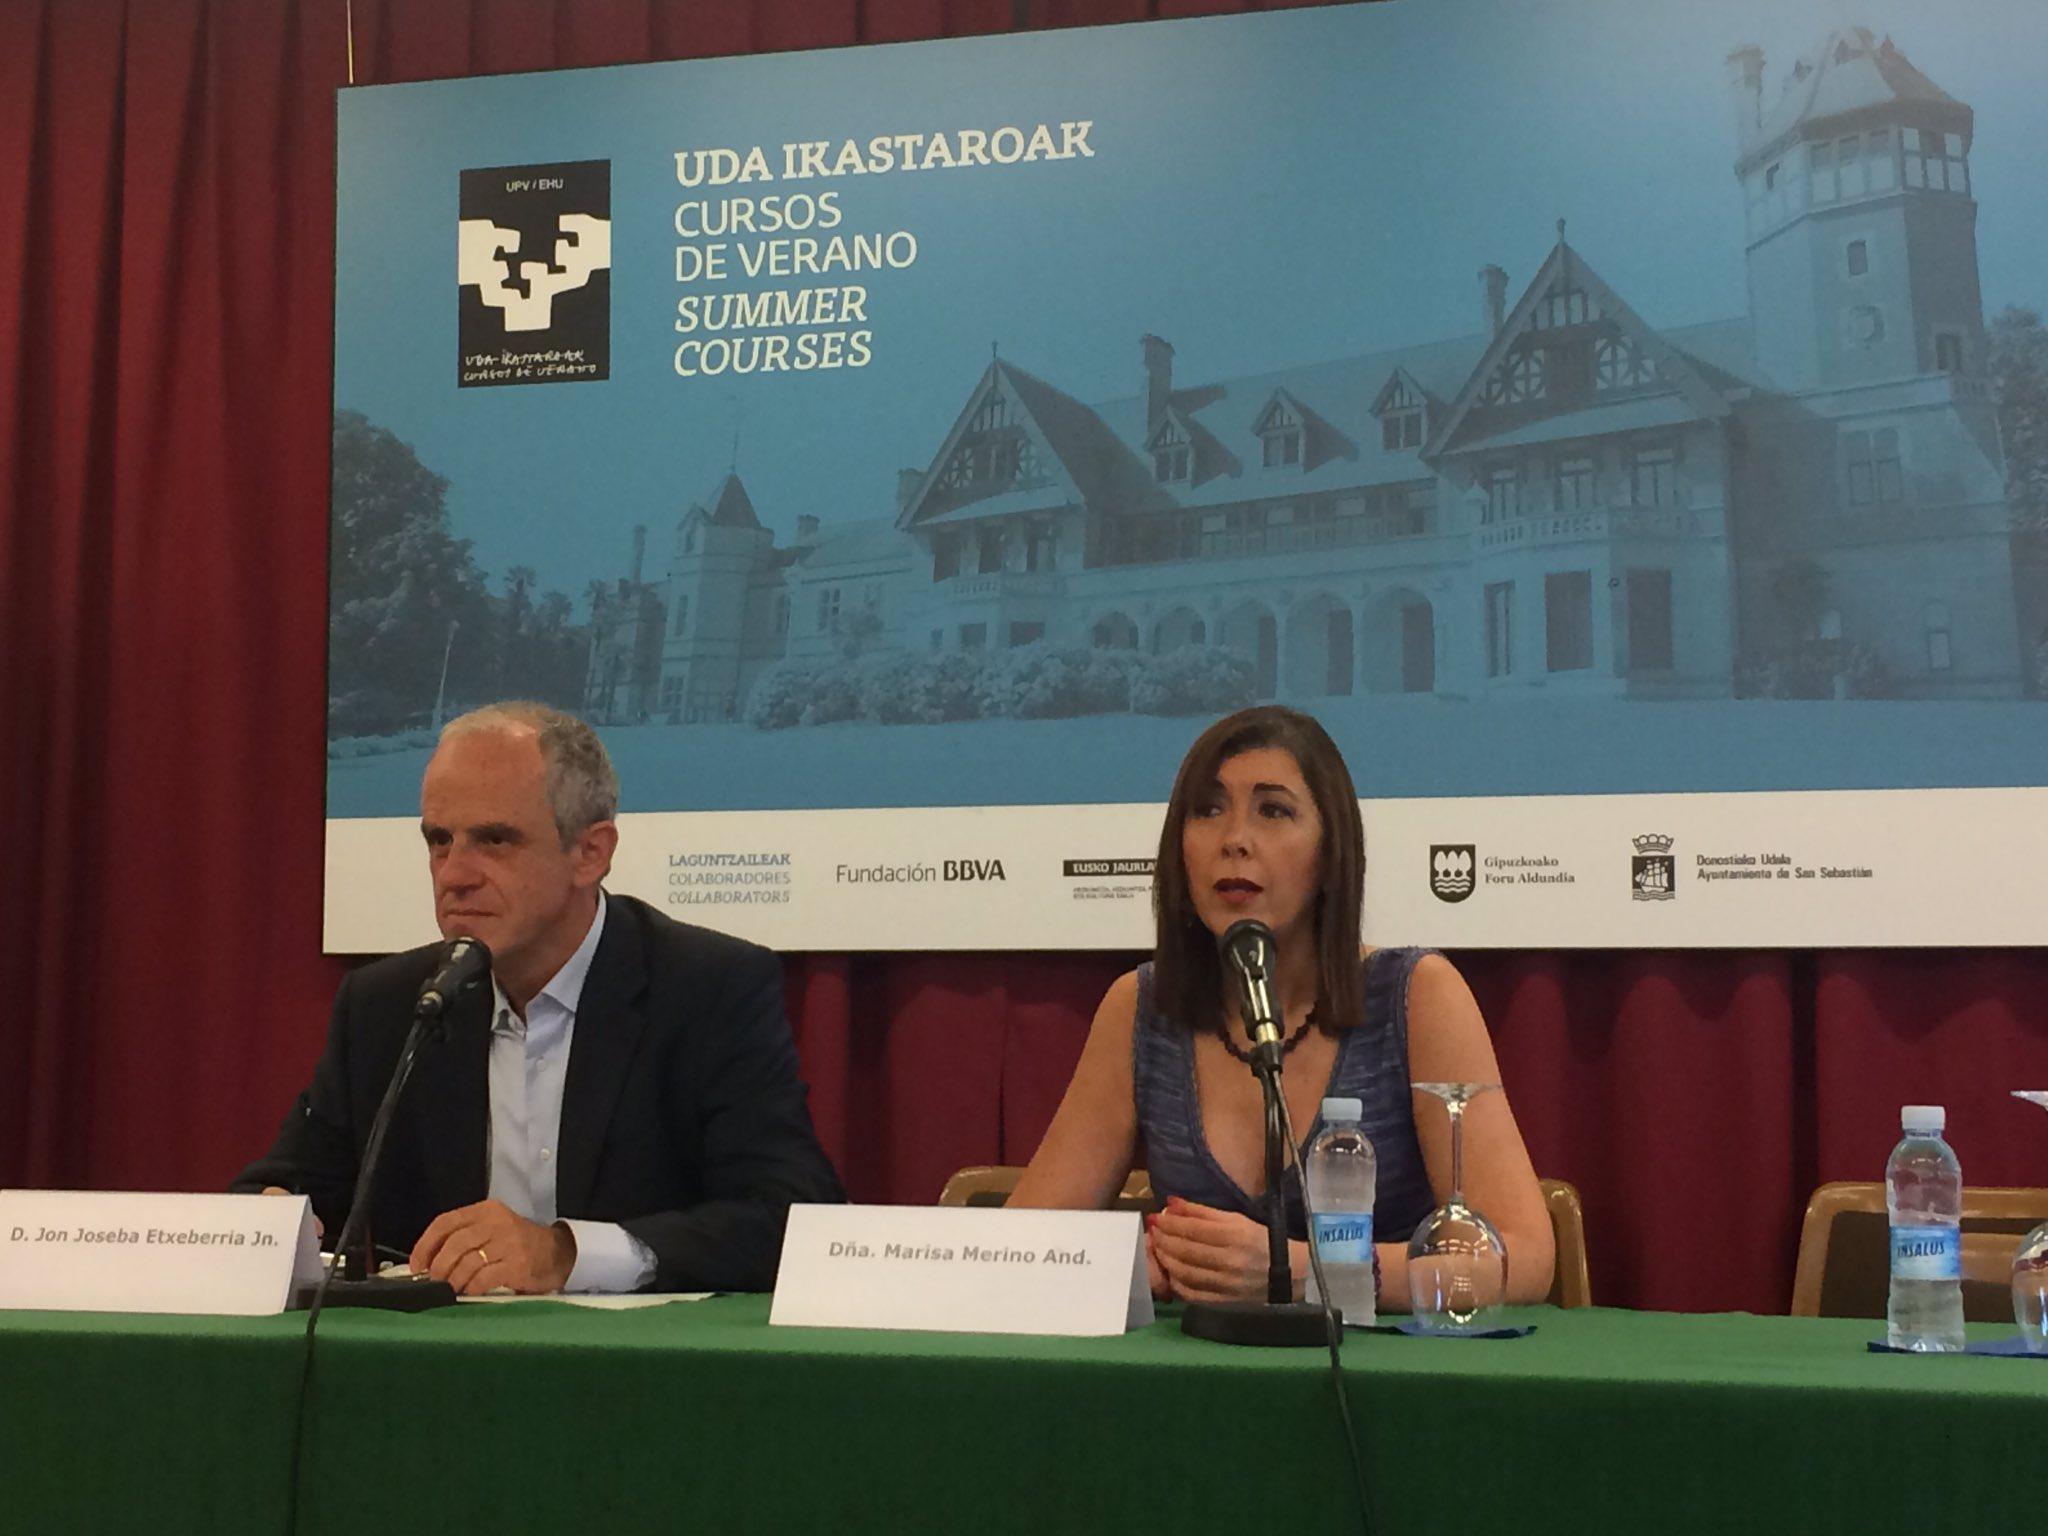 Comenzamos en #ehealthdonostia con Inauguración a cargo de Jon J Etxeberria de @osakidetzaEJGV y su directora @MarisaMerinoH https://t.co/V461cyXCVW